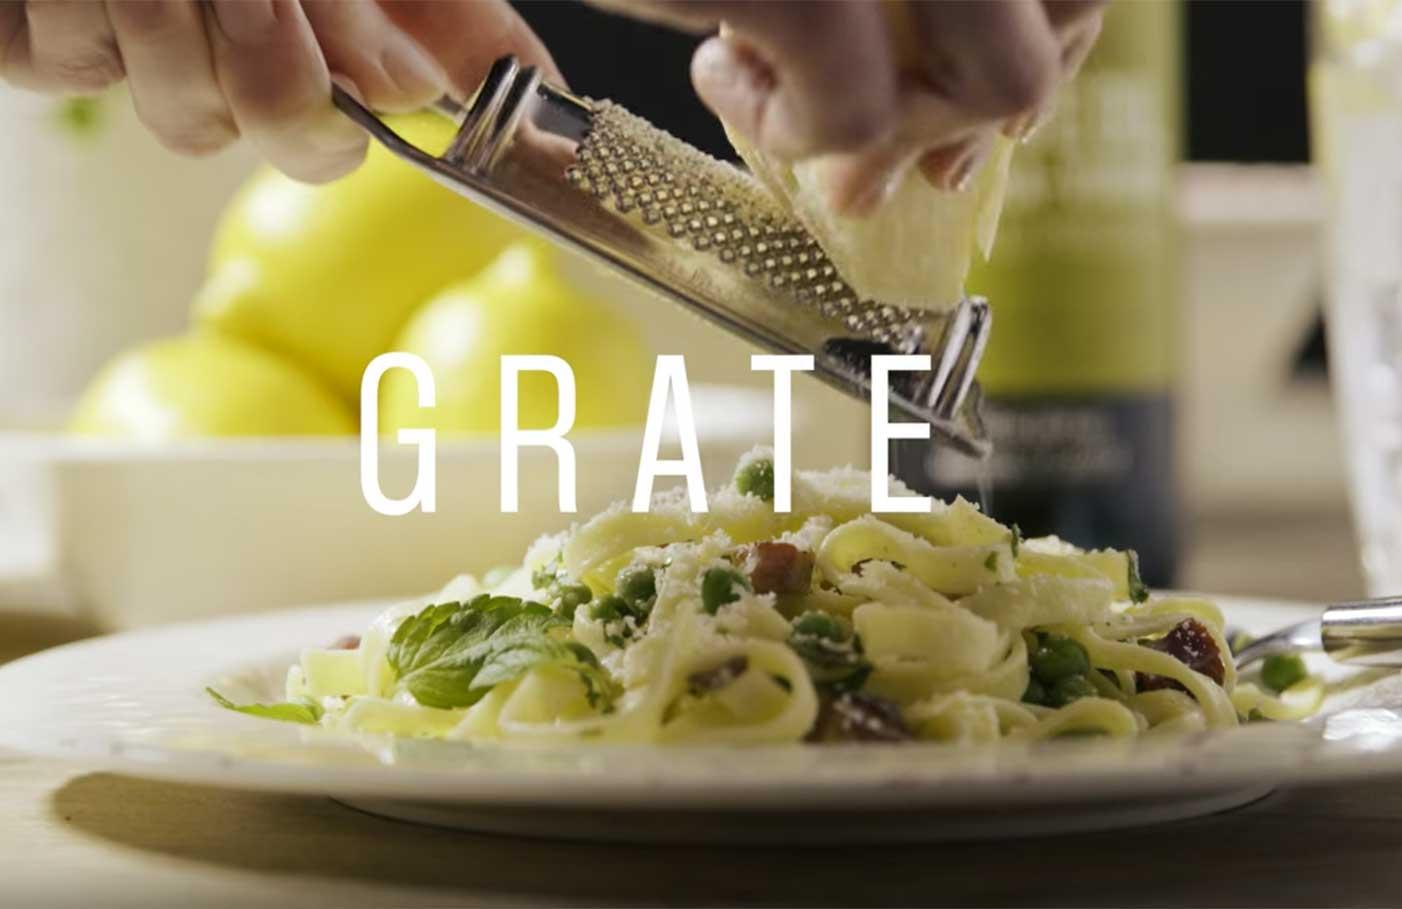 Pancetta Pasta styled by Toronto Food Stylist Marianne Wren